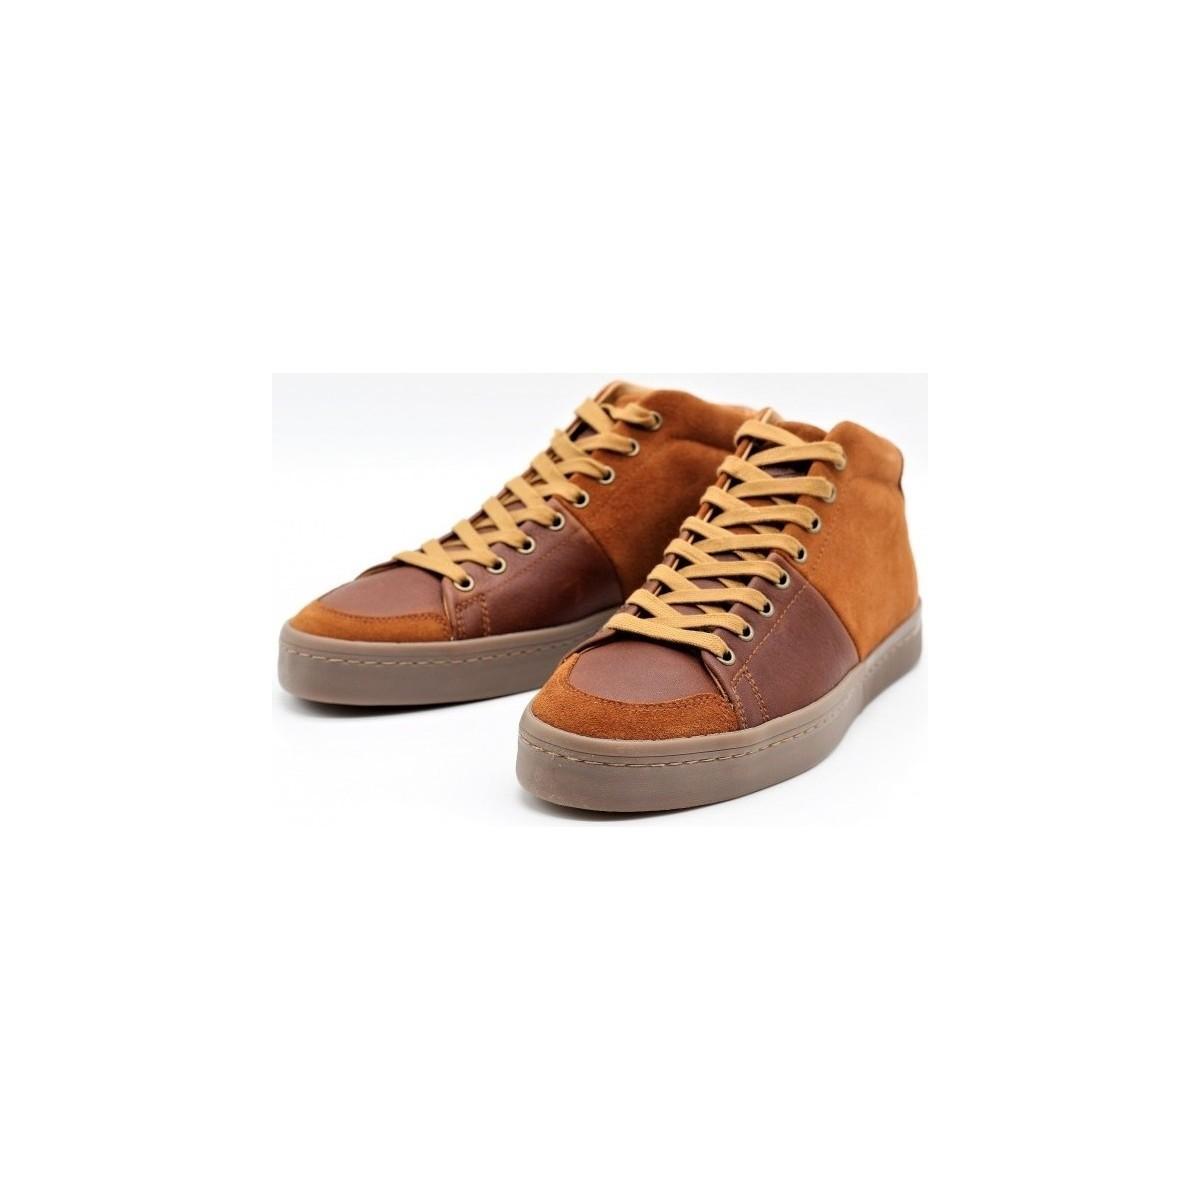 Basket Montante Flucke Mix Plp Chaussures Palladium pour homme en coloris Marron DvpN